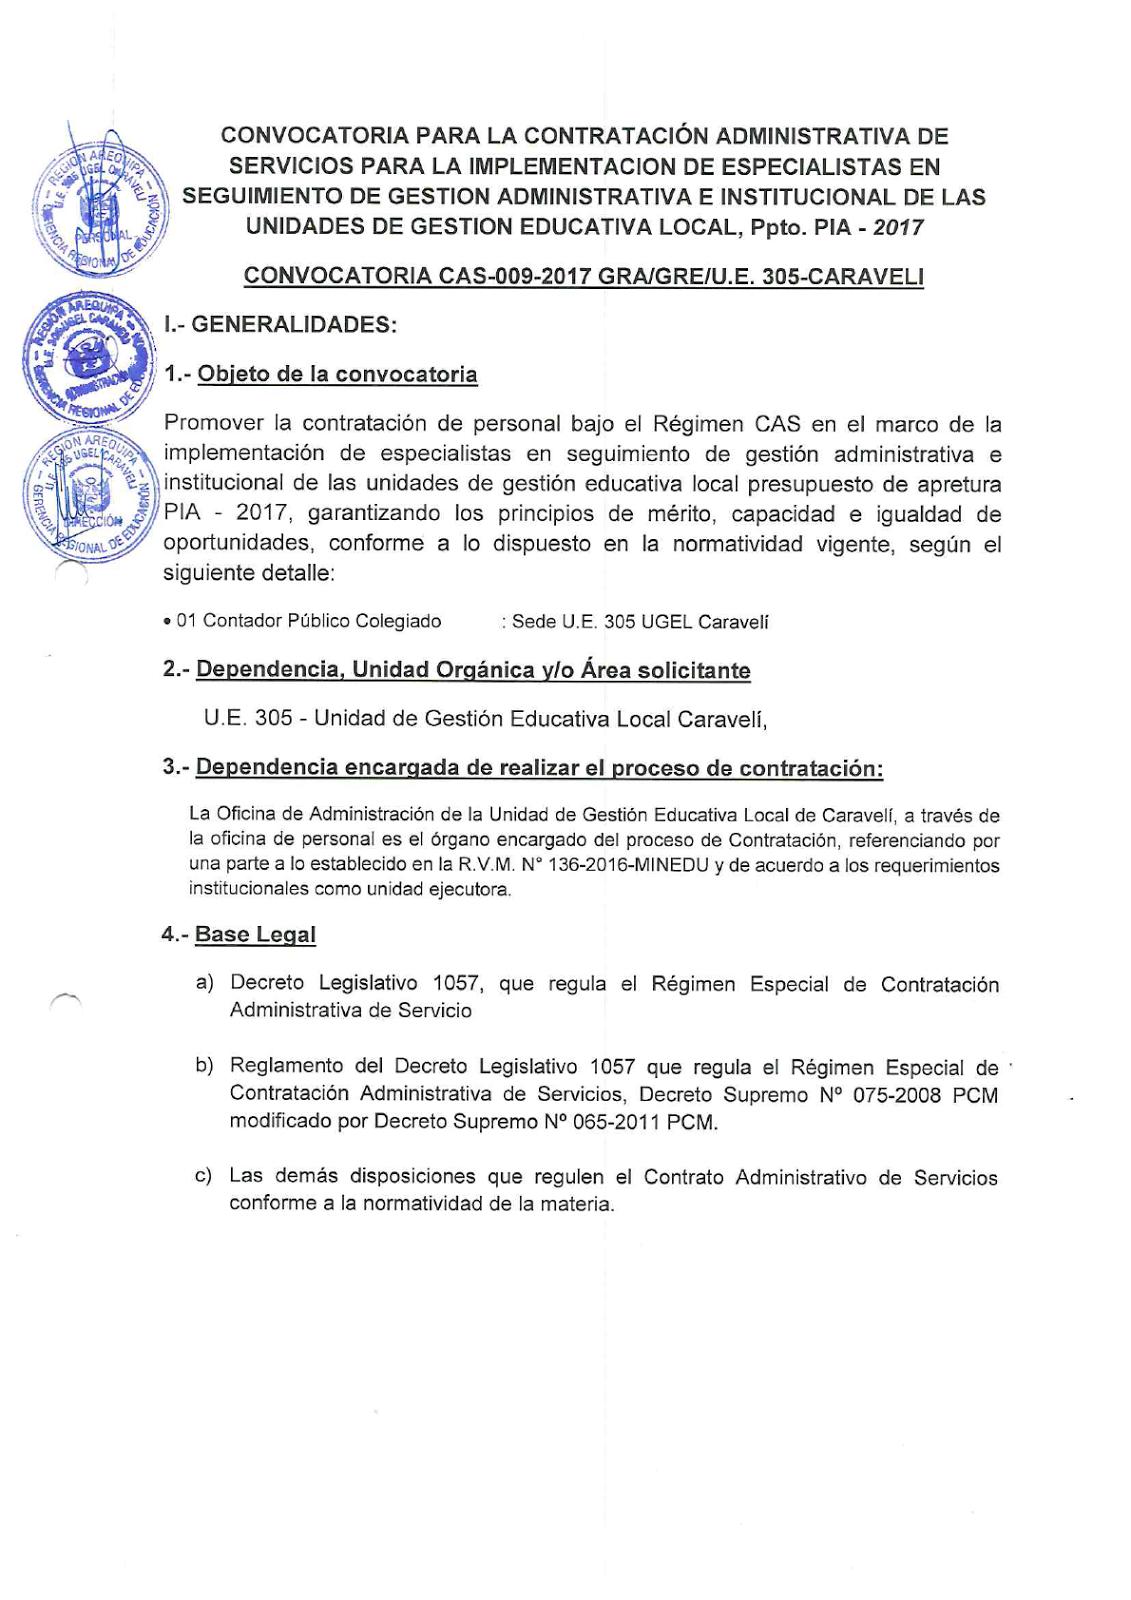 Convocatoria cas n 009 17 gra gre u e 305 caraveli for Convocatoria para plazas docentes 2017